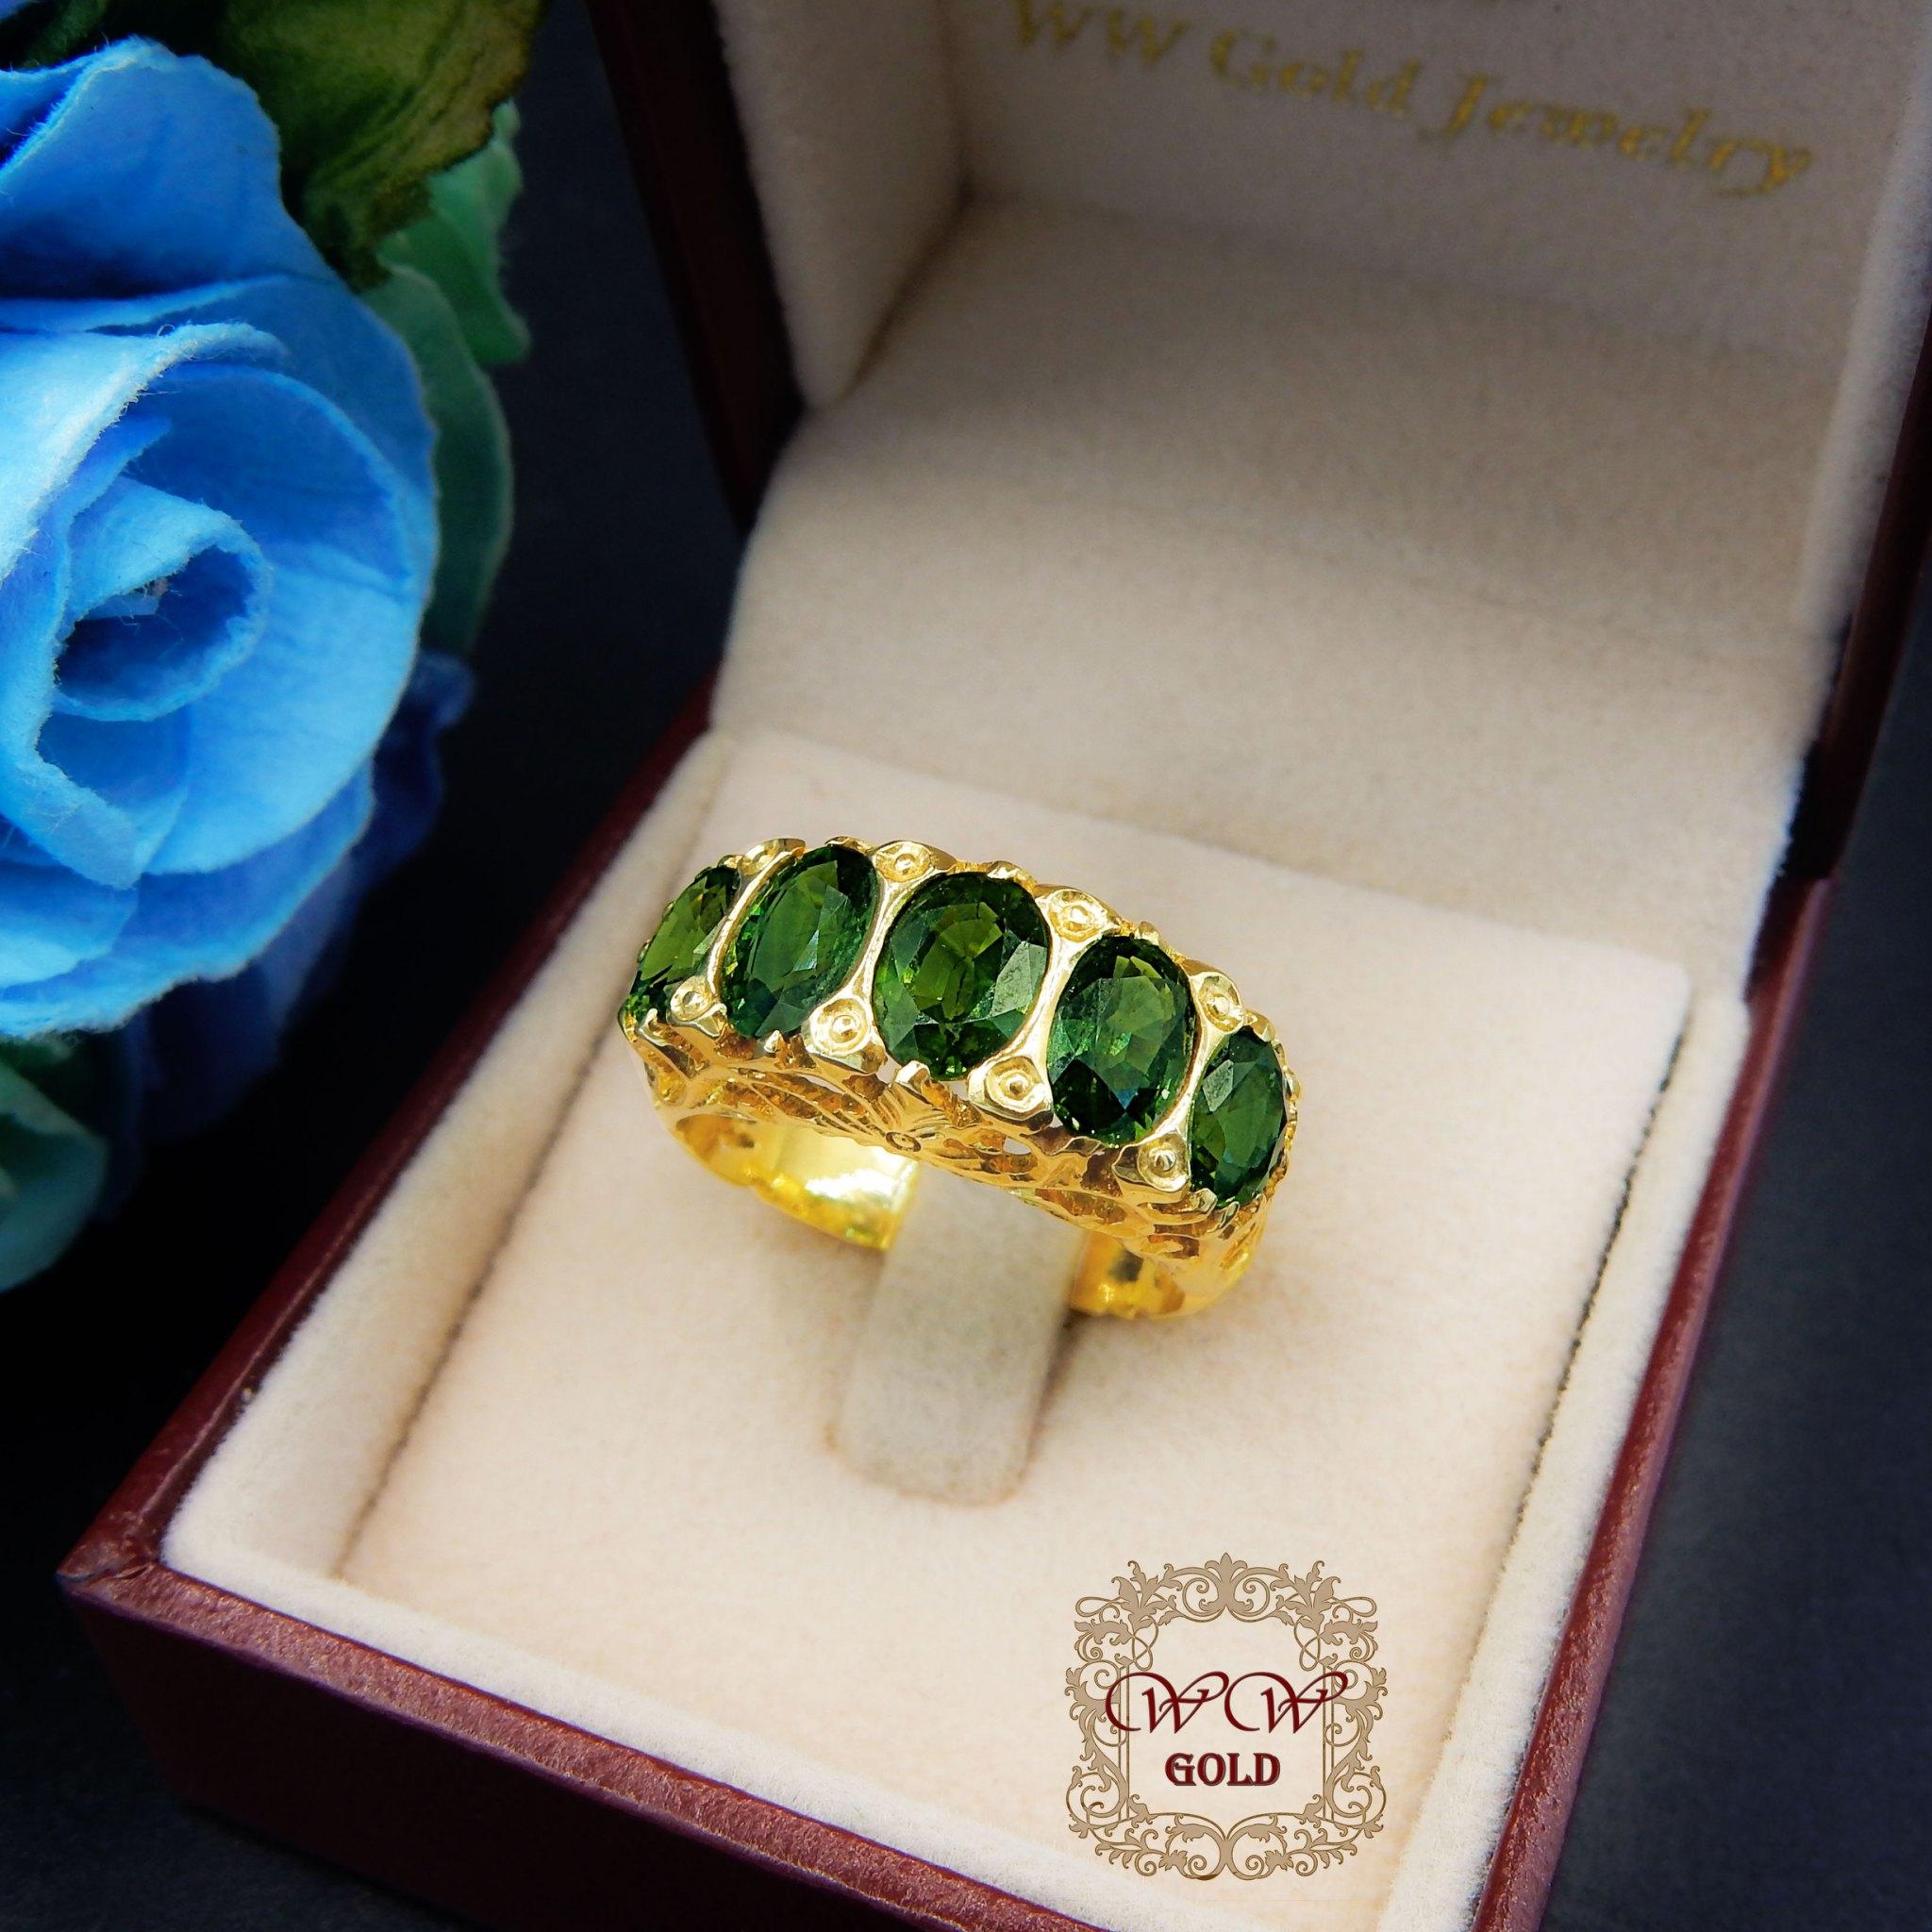 แหวนพลอยสีเขียว